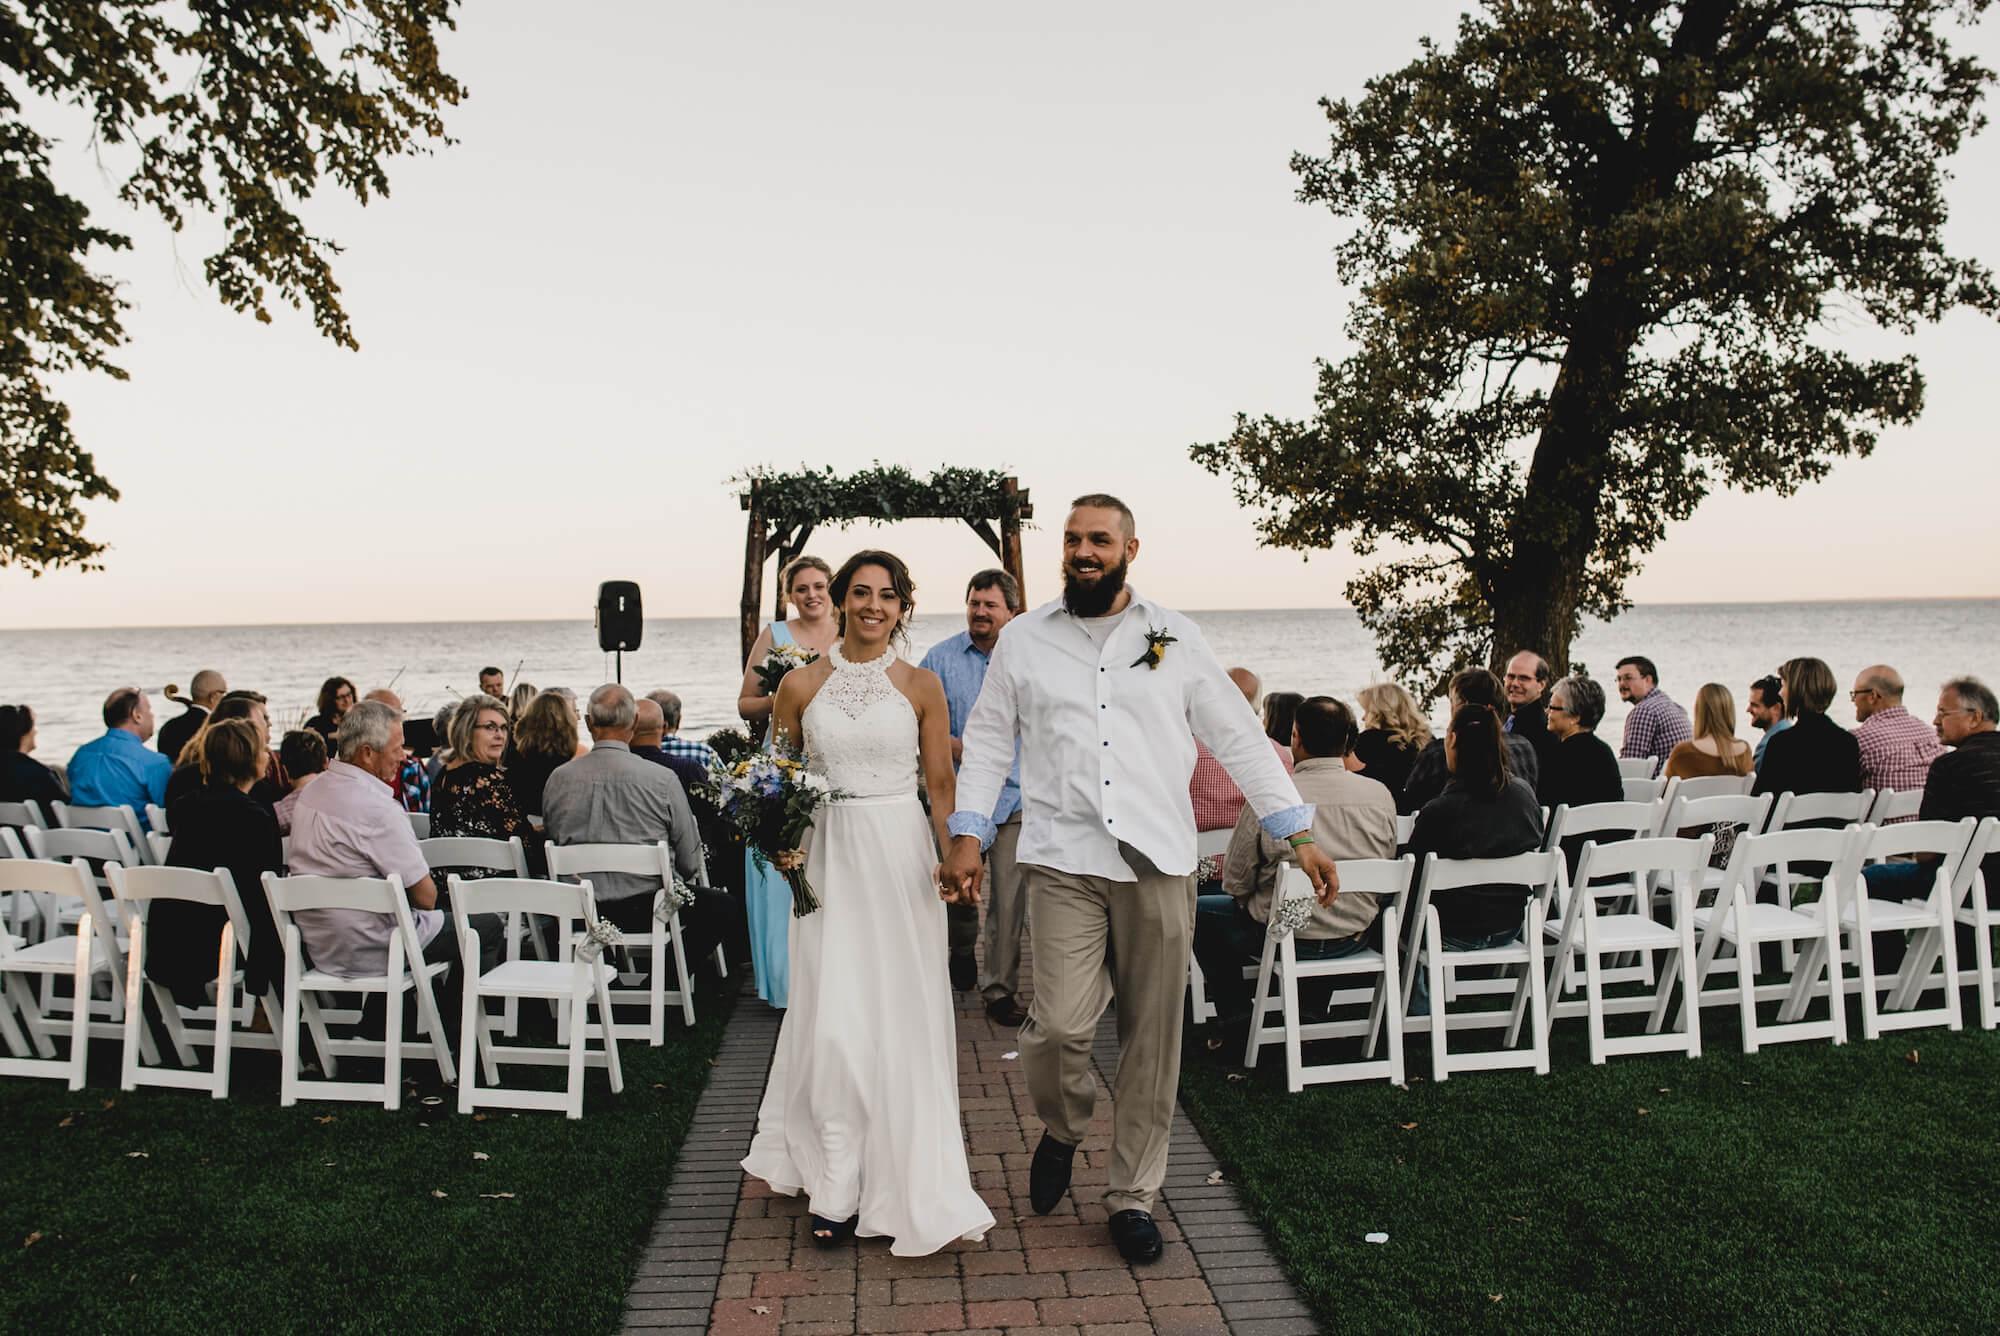 engle-olson-tammy-marc-wedding-48.jpg